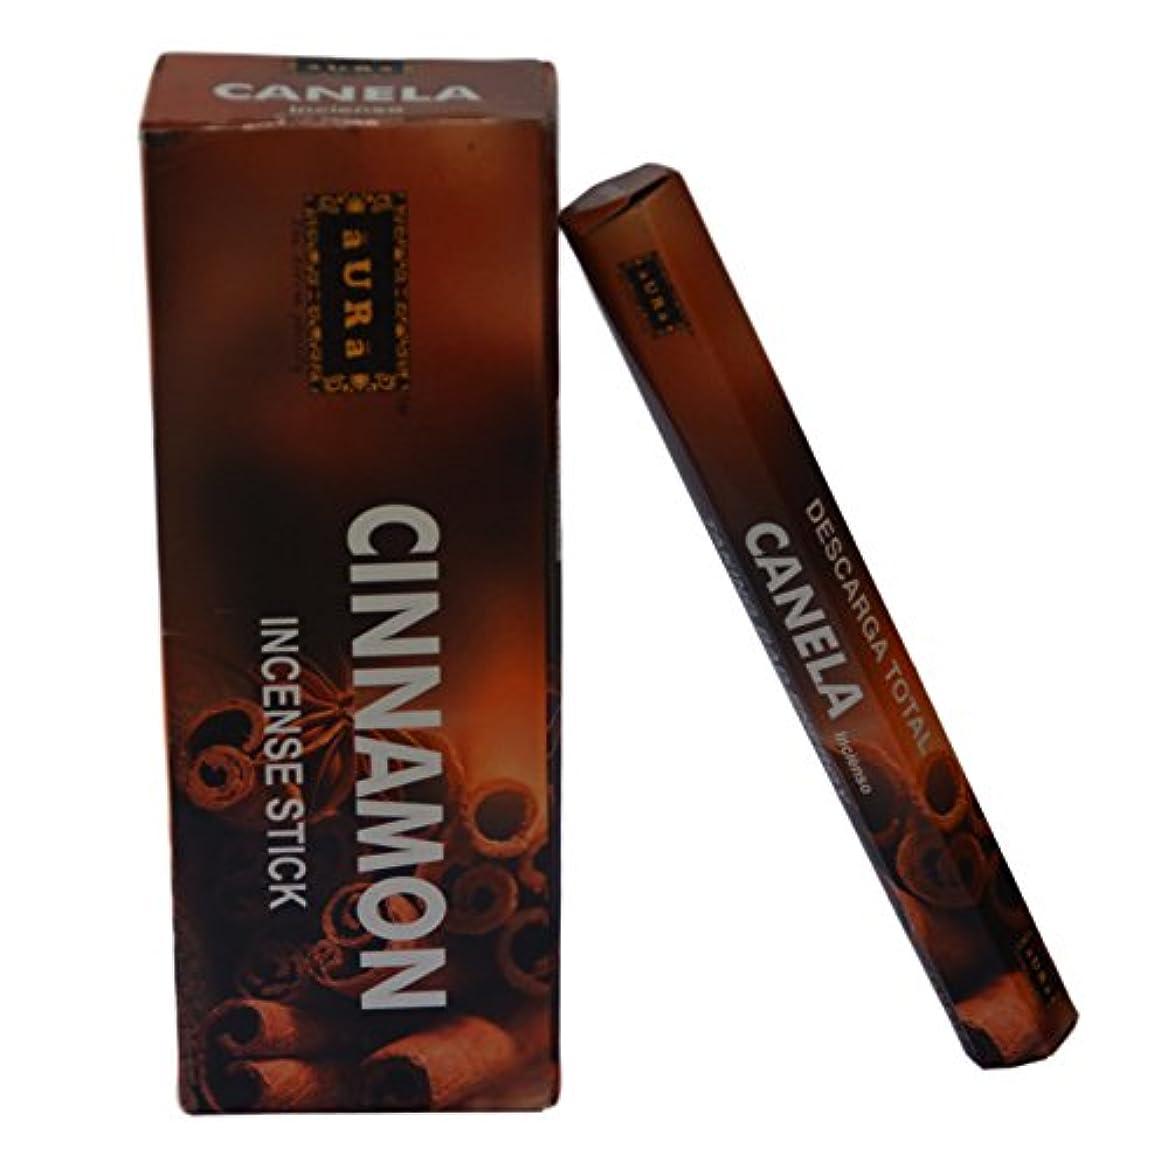 アパート乳剤グラディスオーラCinnamon Scented Incense Sticks、プレミアム天然Incense Sticks、六角packing- 120 Sticks